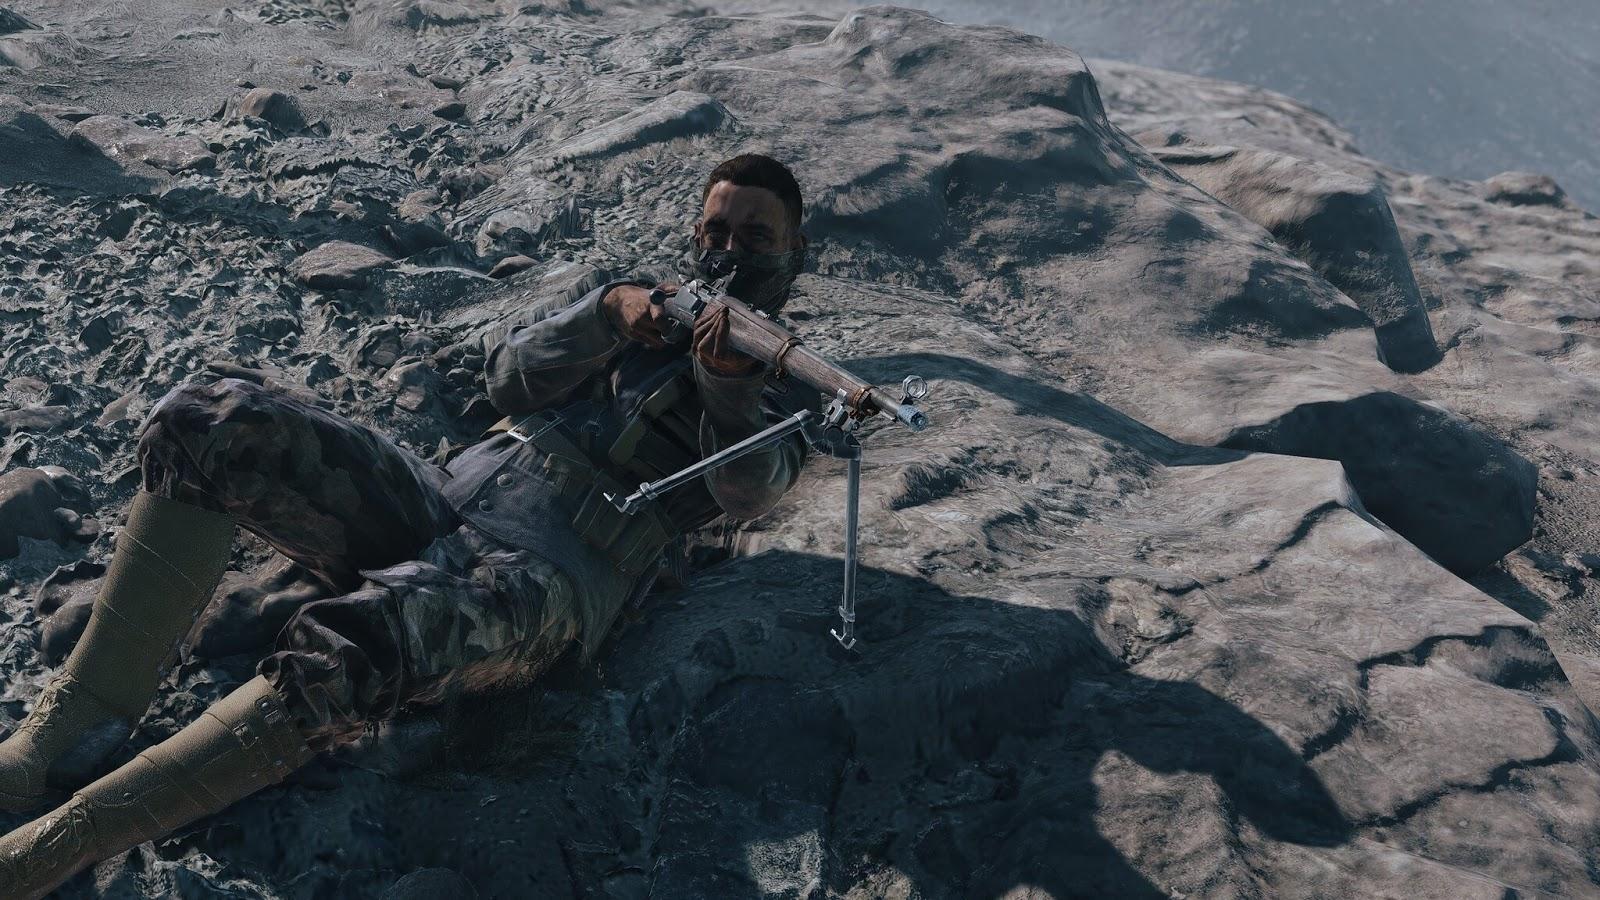 Battlefield V: Agora você pode usar o Commo Rose novamente enquanto estiver caído - Img: Chris177uk